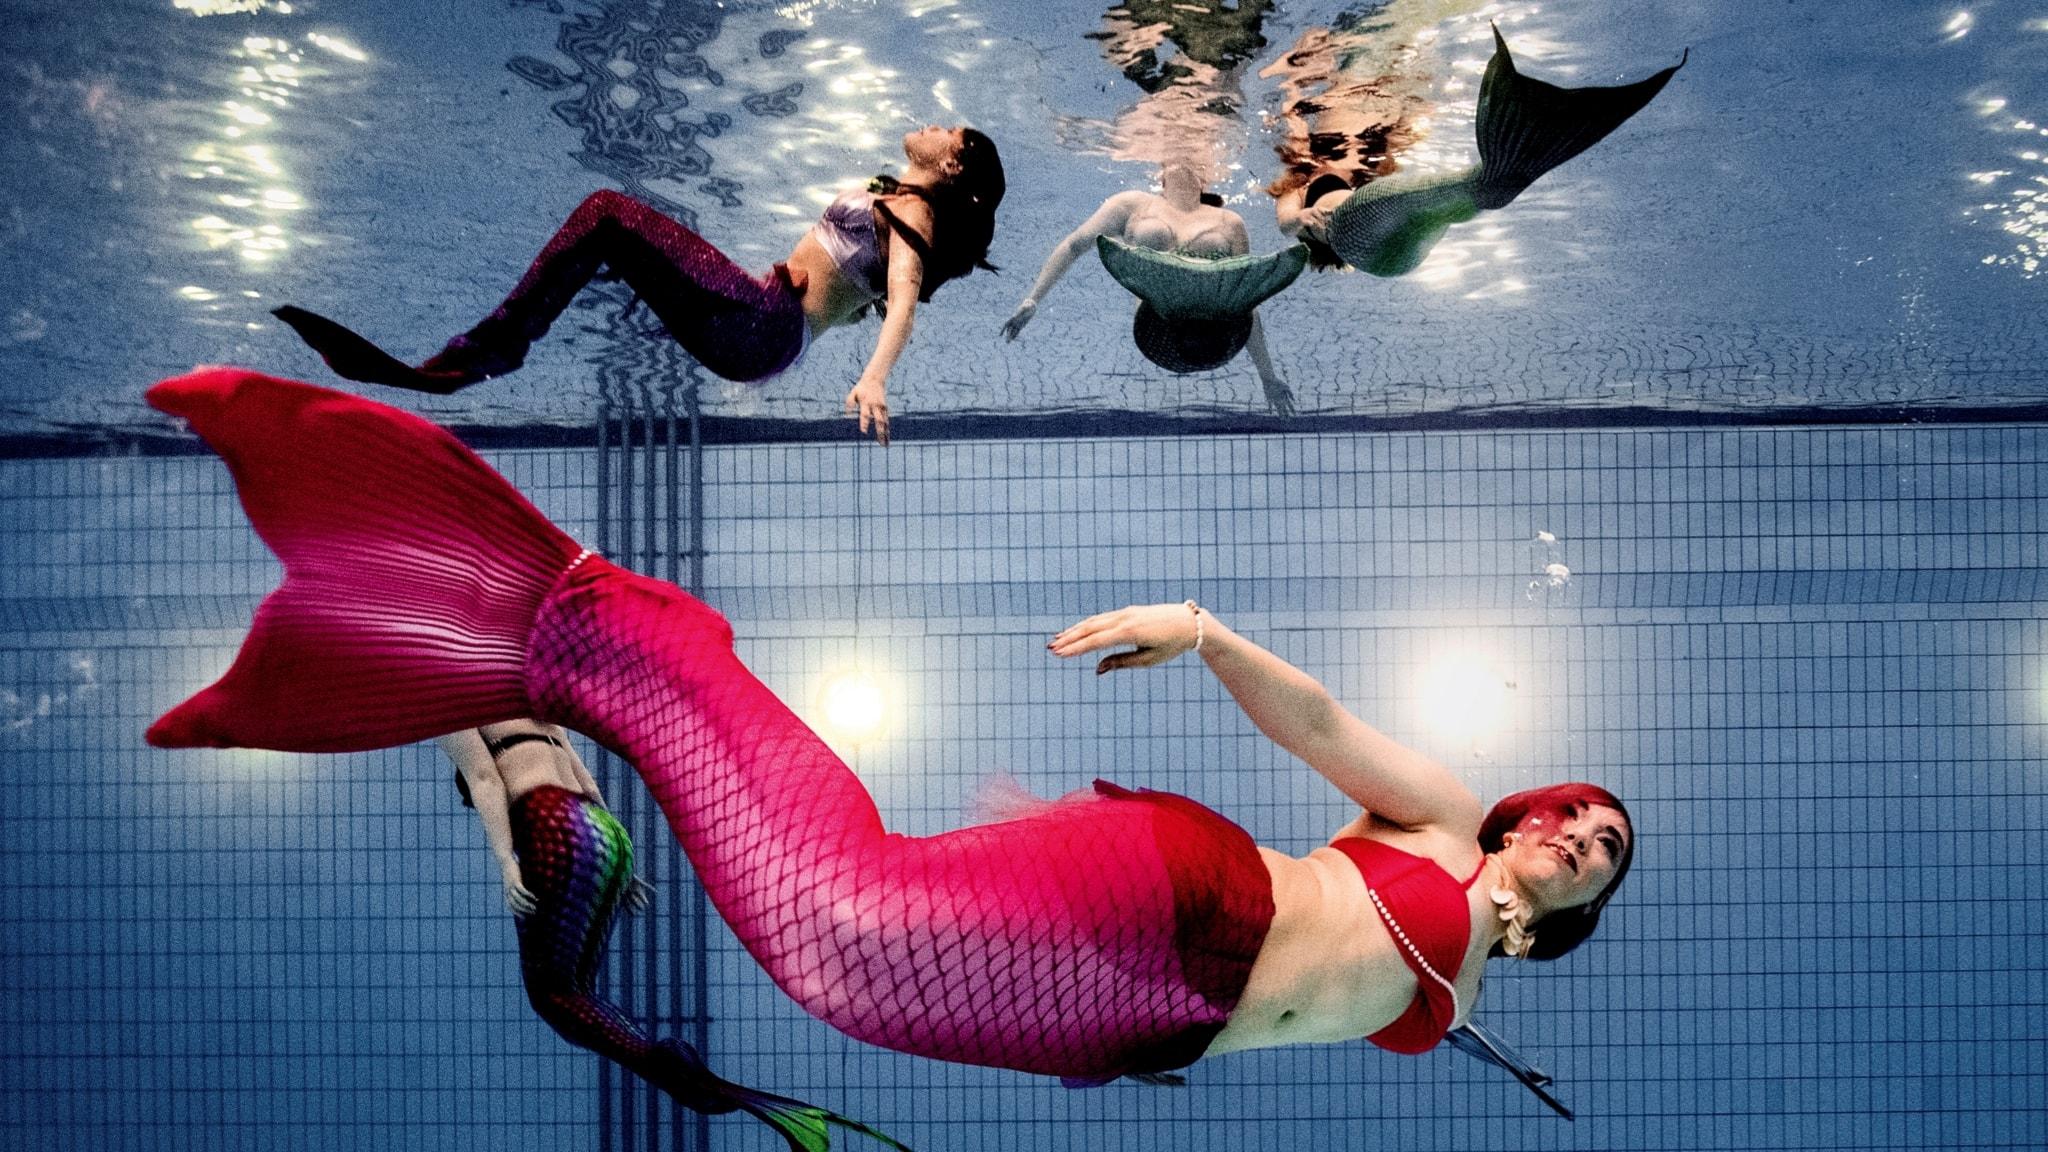 mermaid sweden ab